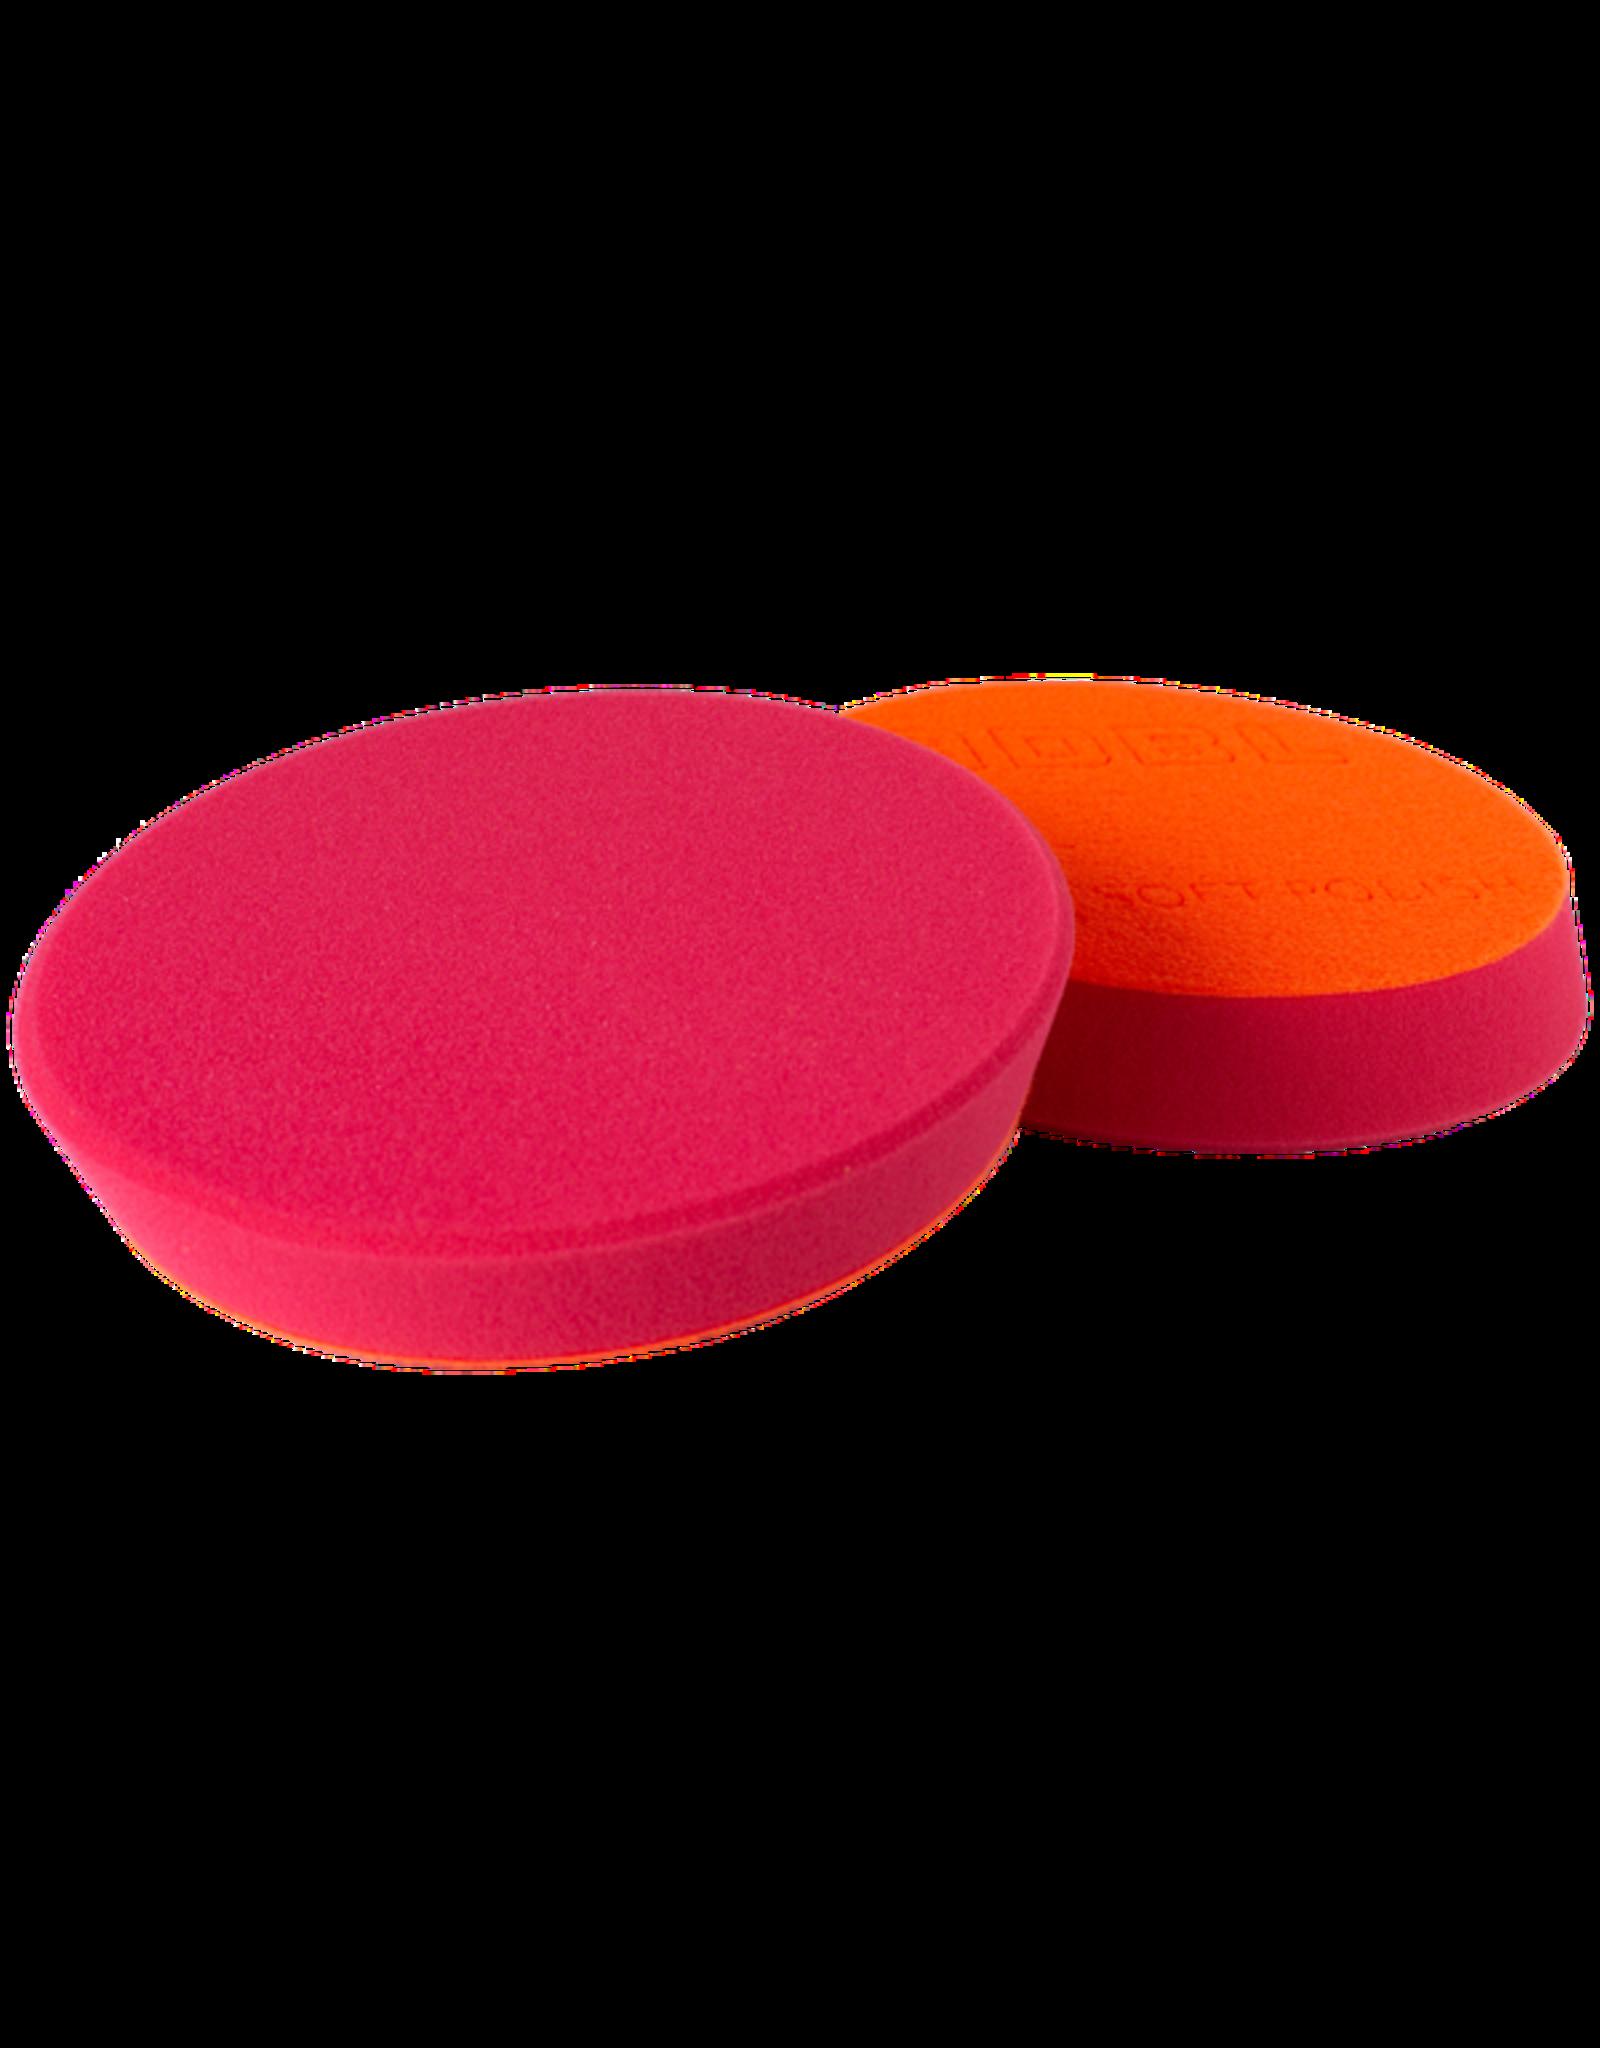 ADBL Roller Pad R Soft Polish 125mm